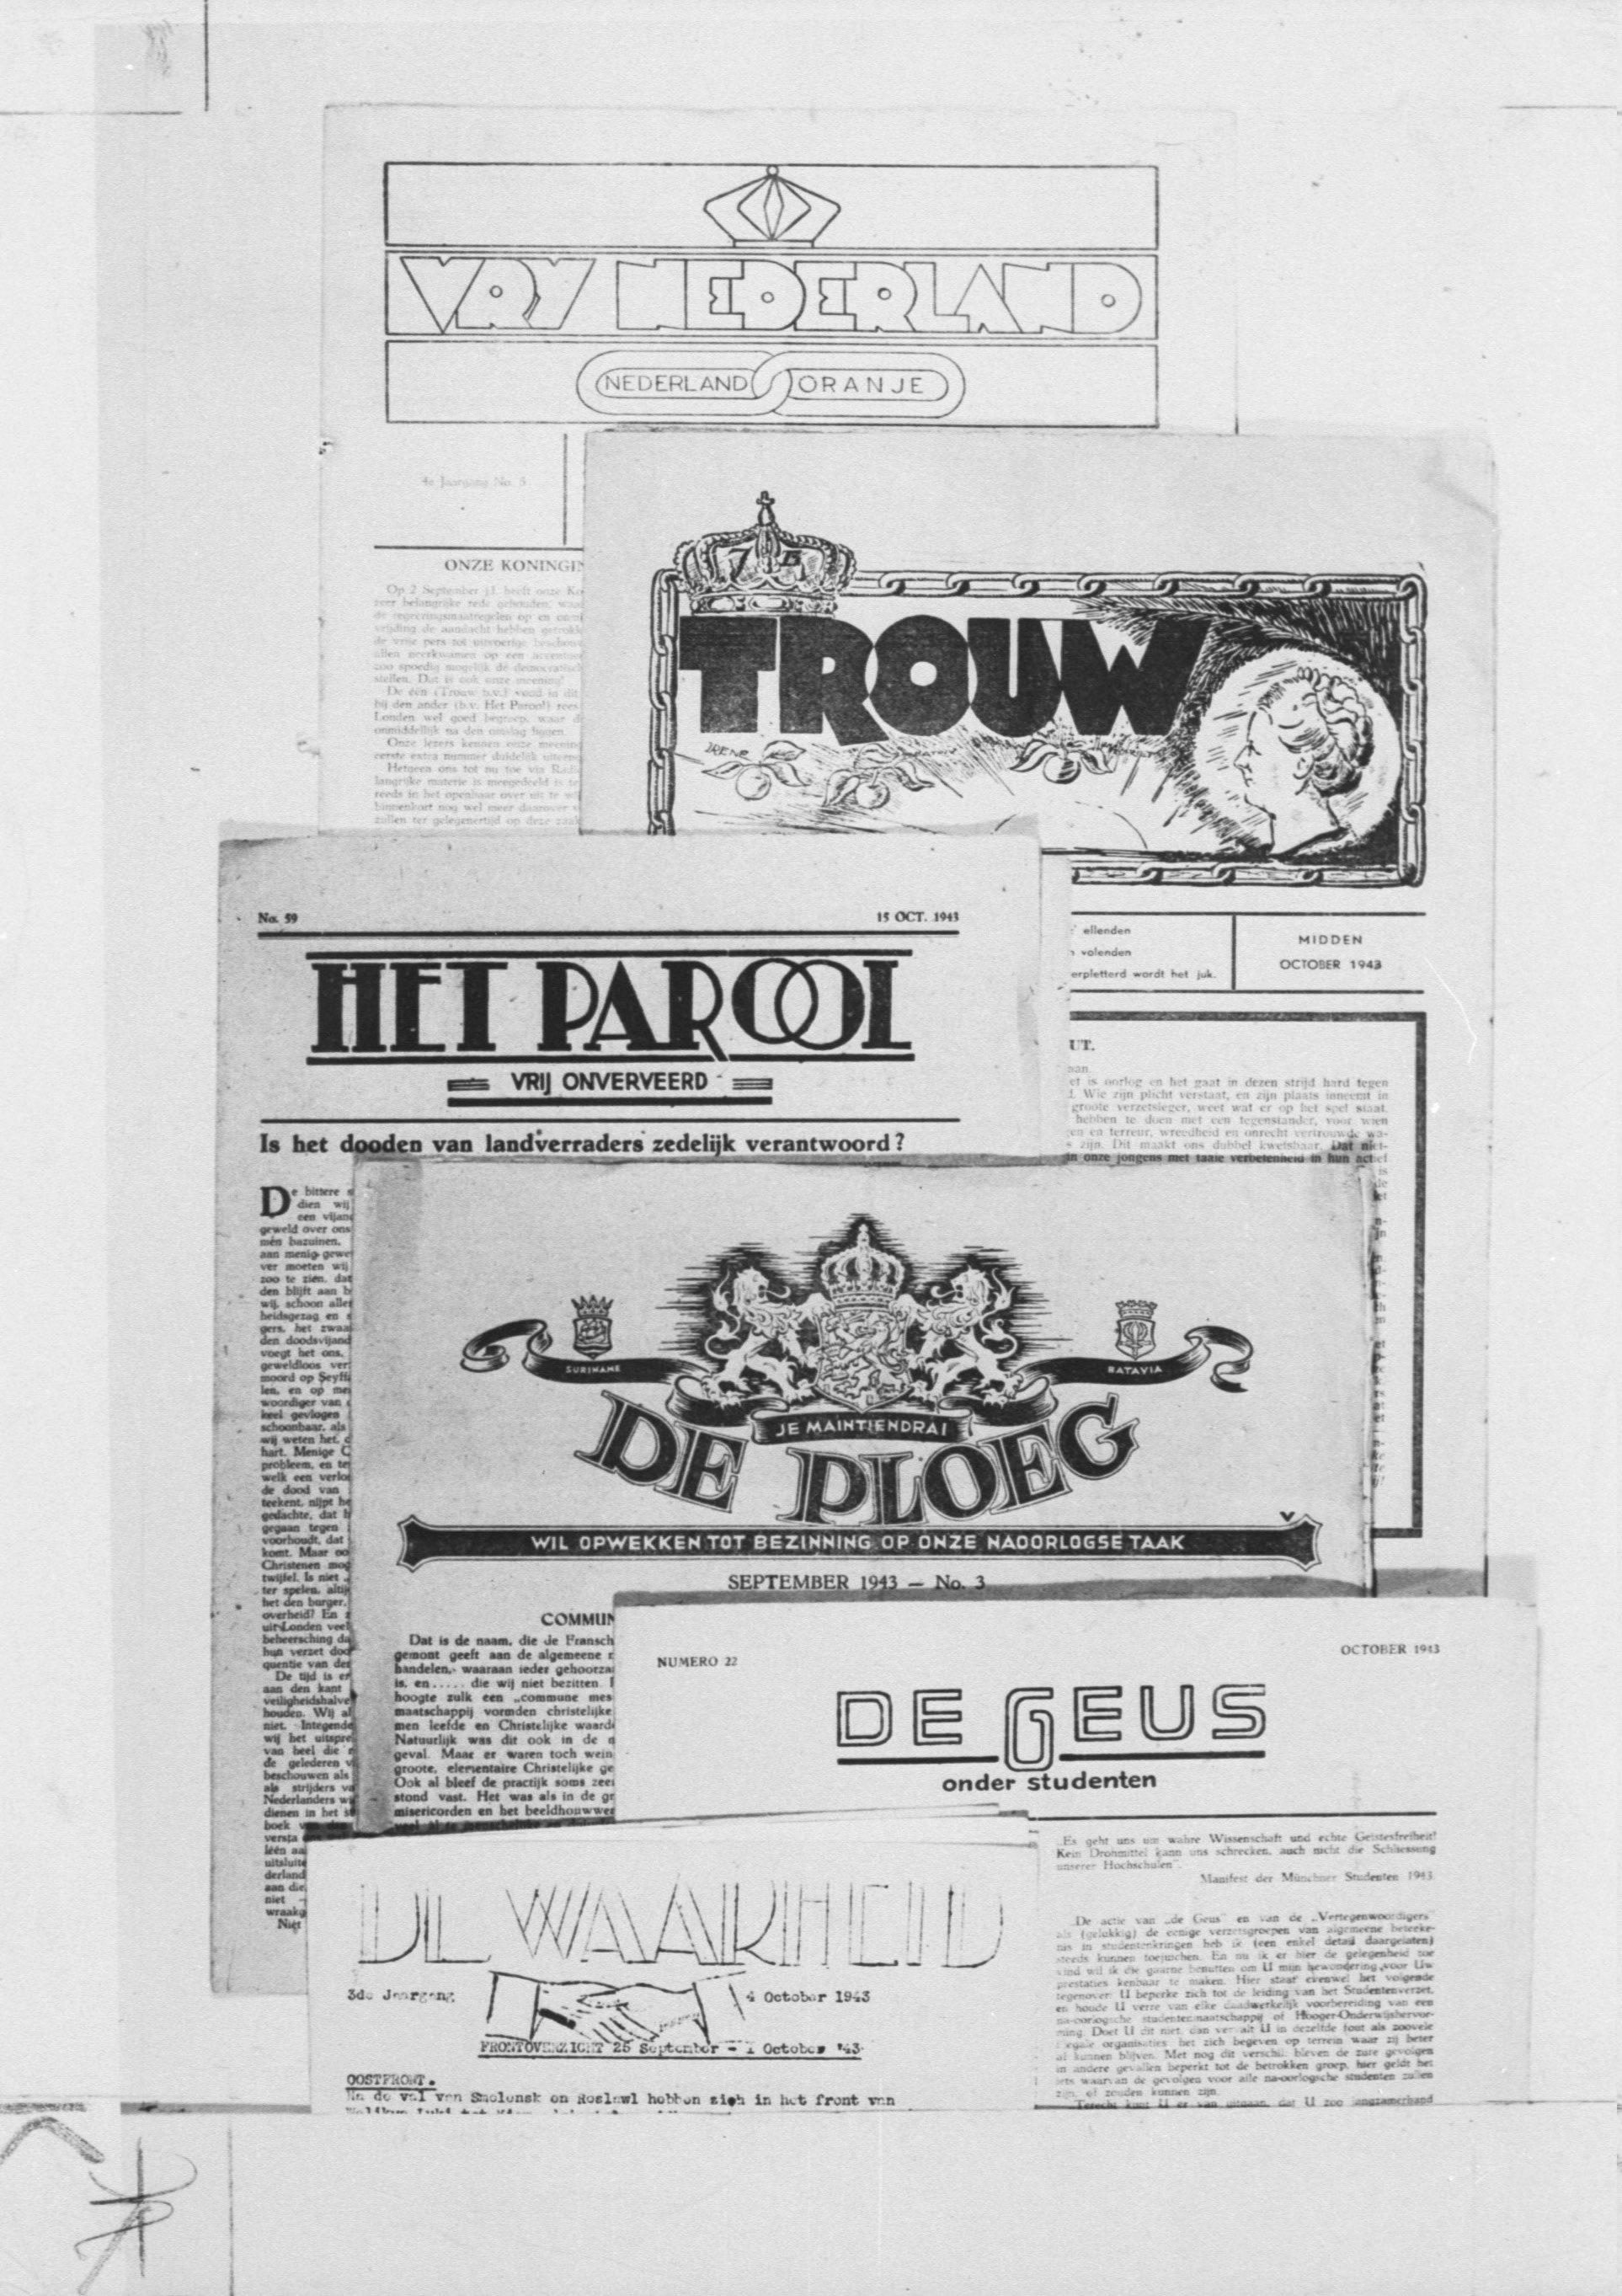 Enkele illegale kranten waaronder De Geus, Trouw, De Waarheid, De Ploeg, Het Parool en Vrij Nederland.